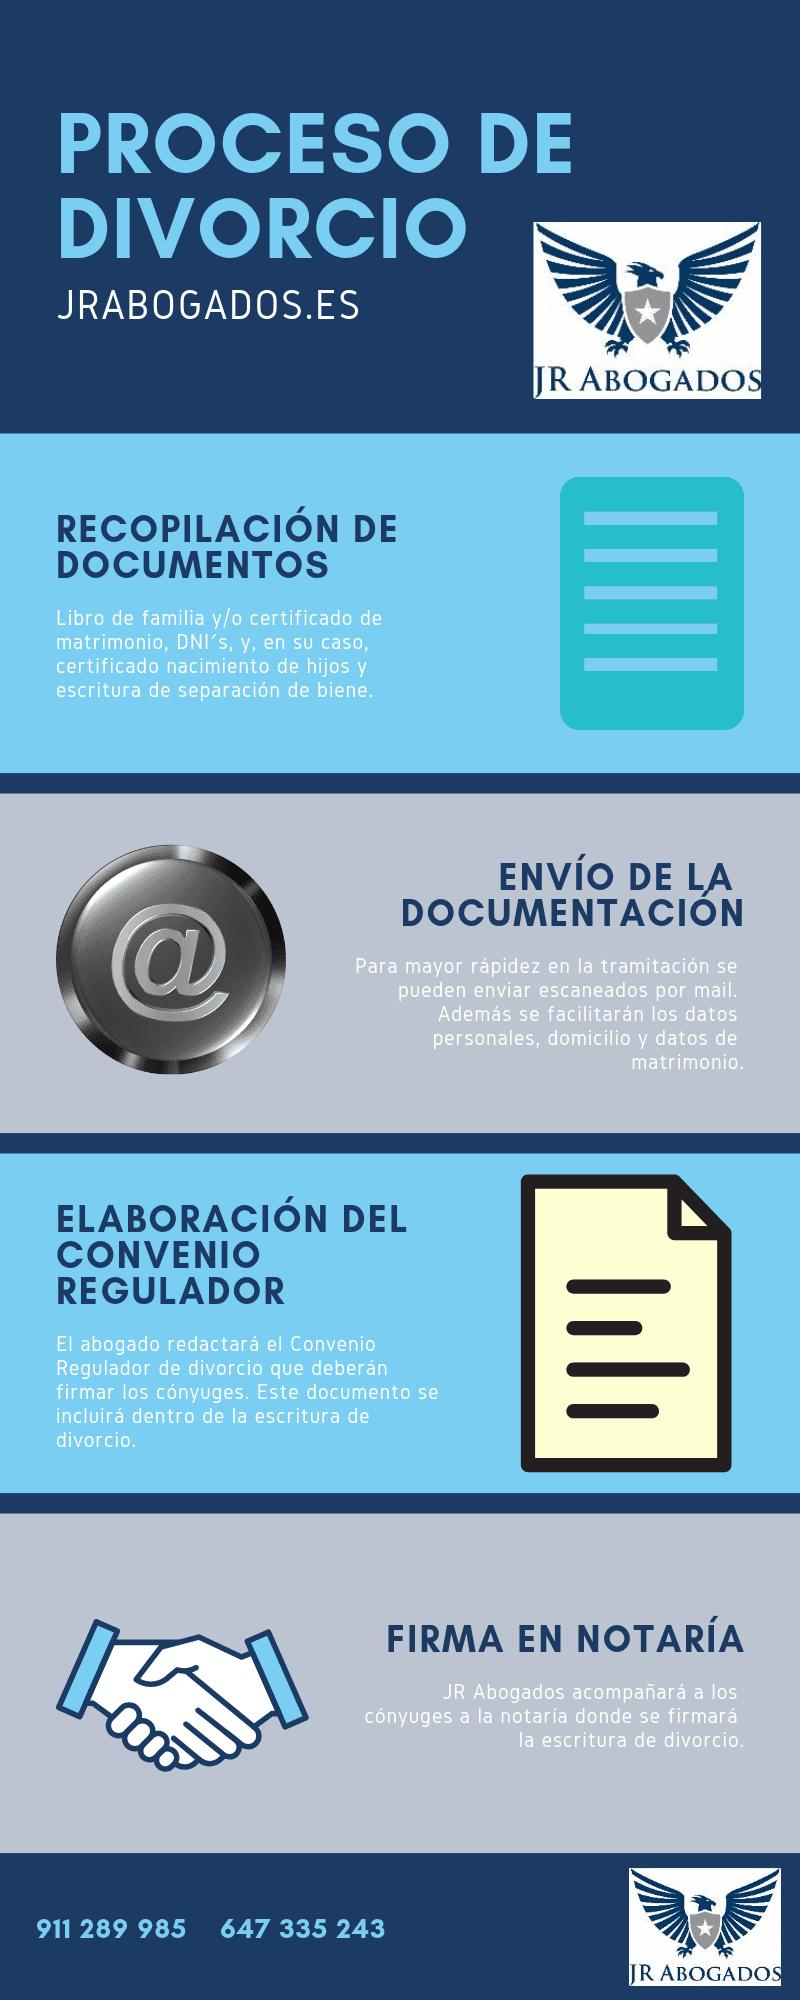 divorcio notarial proceso en madrid